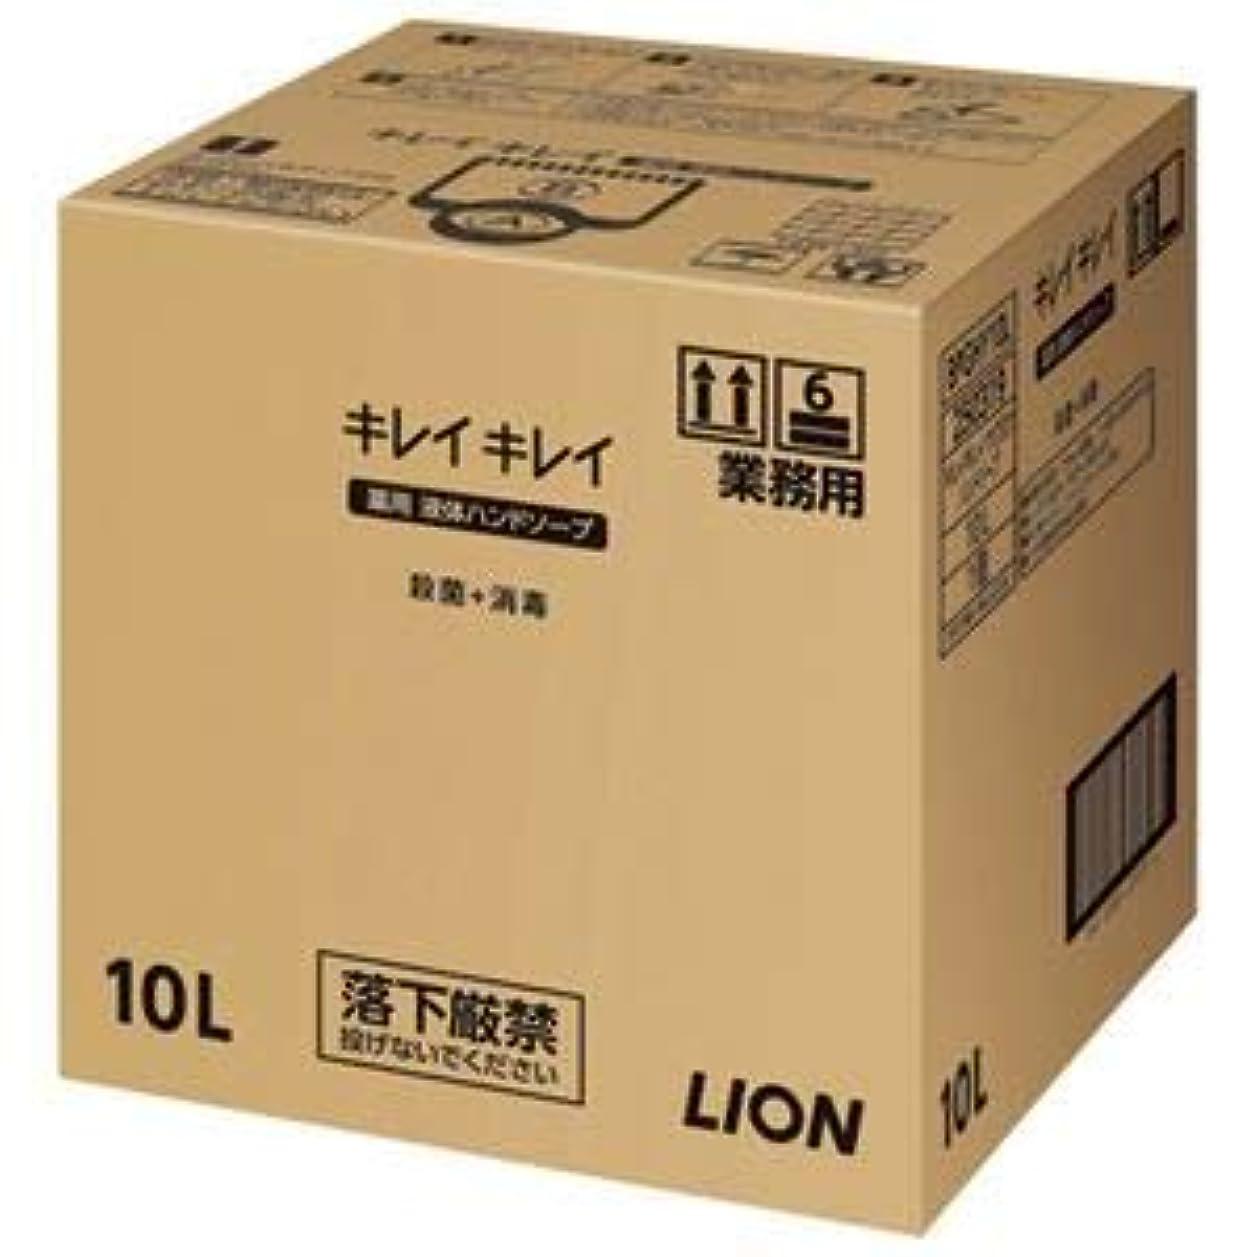 マーティンルーサーキングジュニアしっとり交渉するライオン キレイキレイ 薬用ハンドソープ 10L